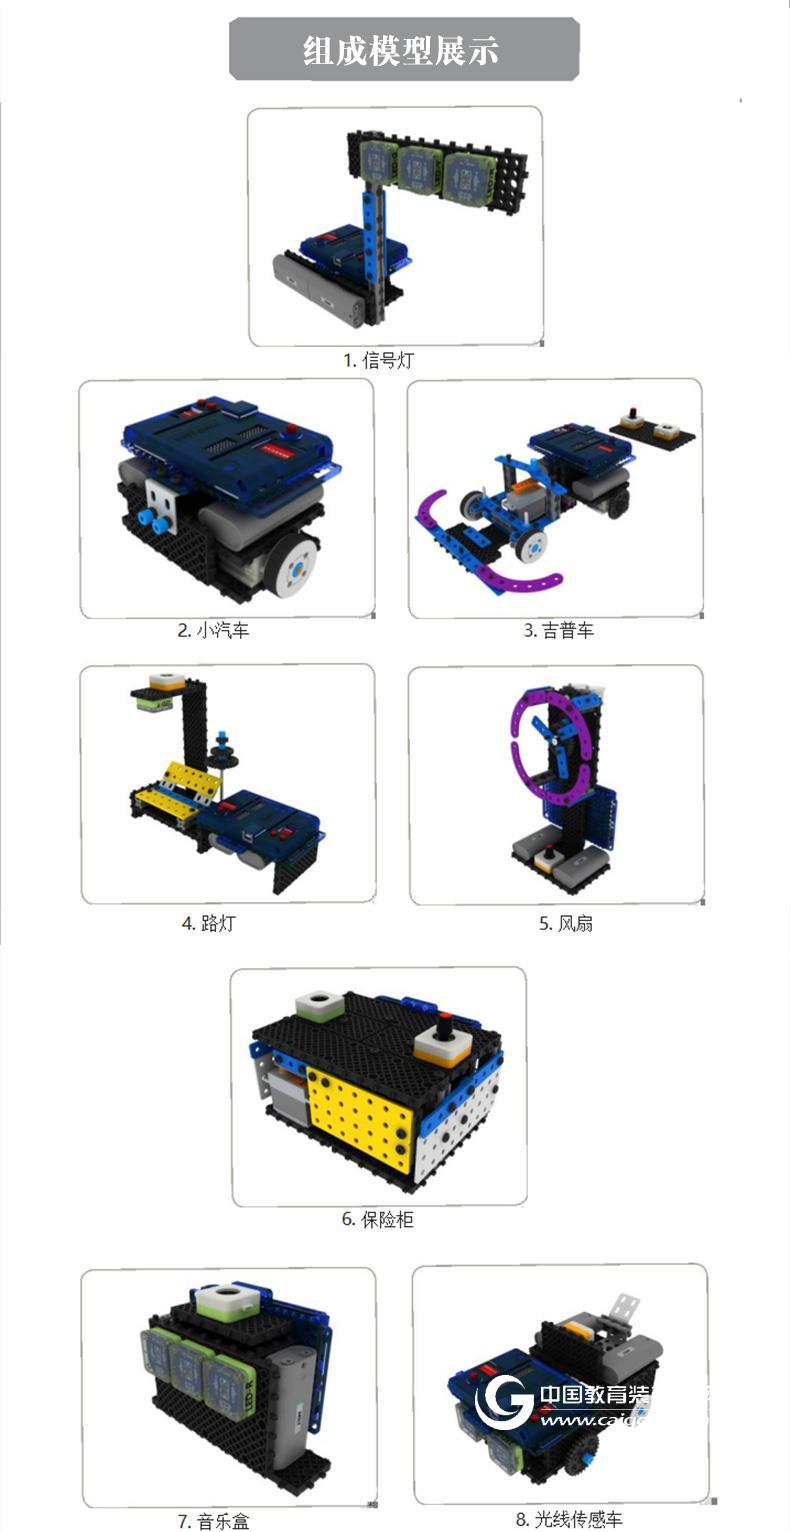 韓端教育機器人MRT-Duino圖形化編程教具